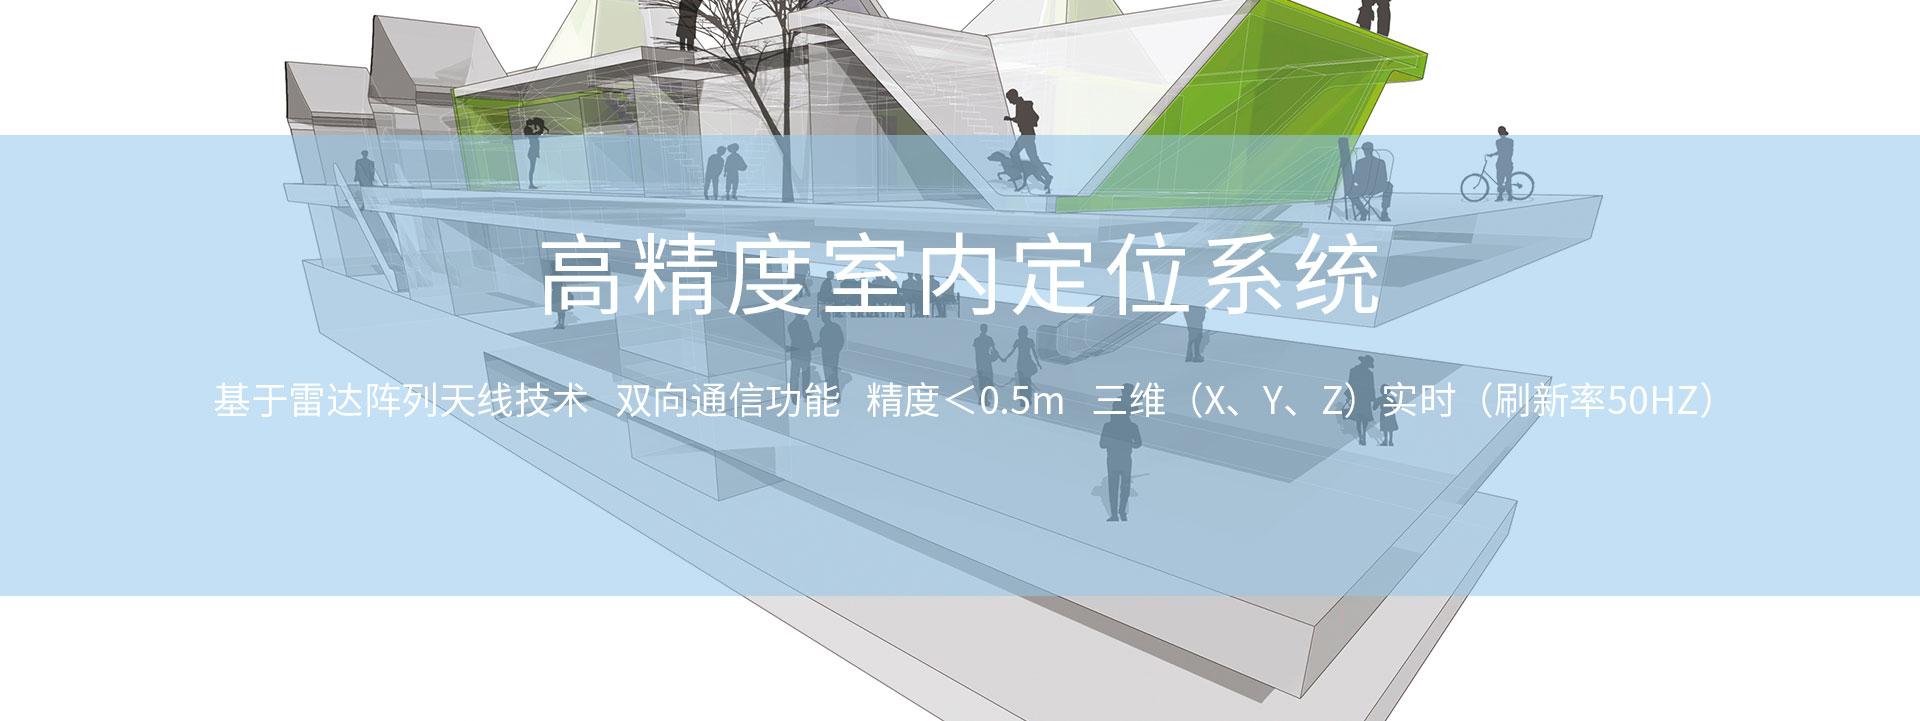 上海航天电子技术研究所